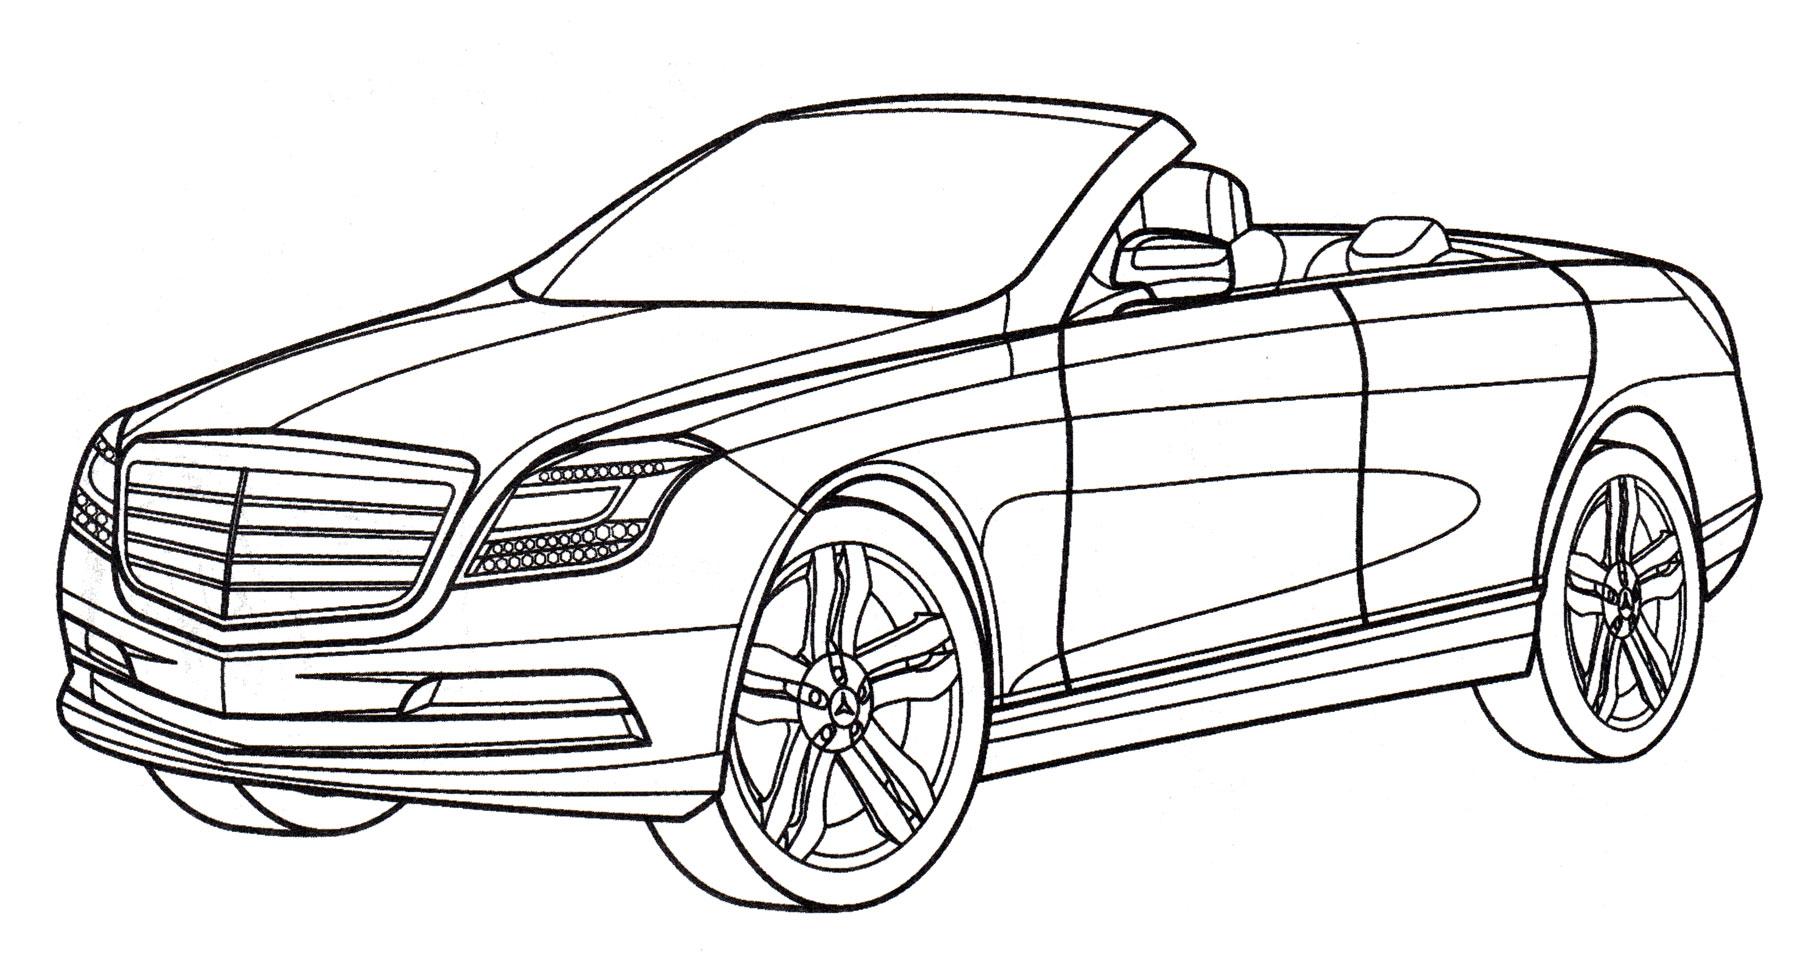 Раскраска Mercedes Ocean Drive - распечатать бесплатно